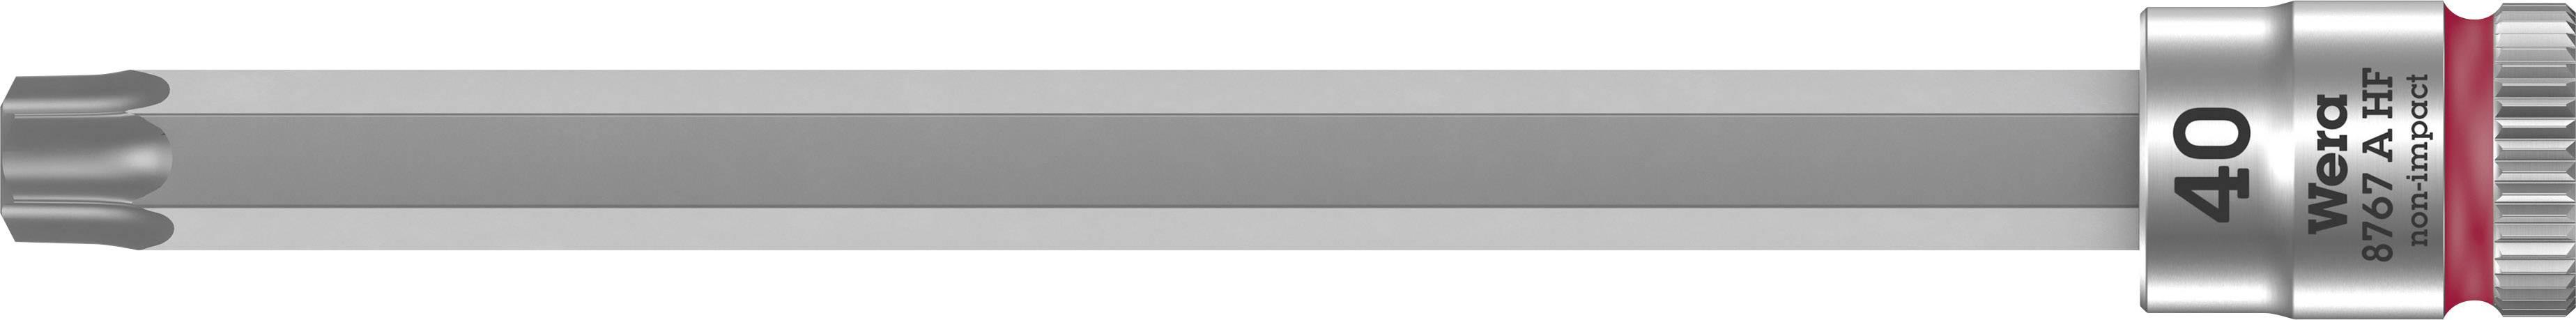 """Nástrčný klíč Wera 8767 A, TORX, 1/4"""" (6,3 mm), chrom-vanadová ocel 05003372001"""